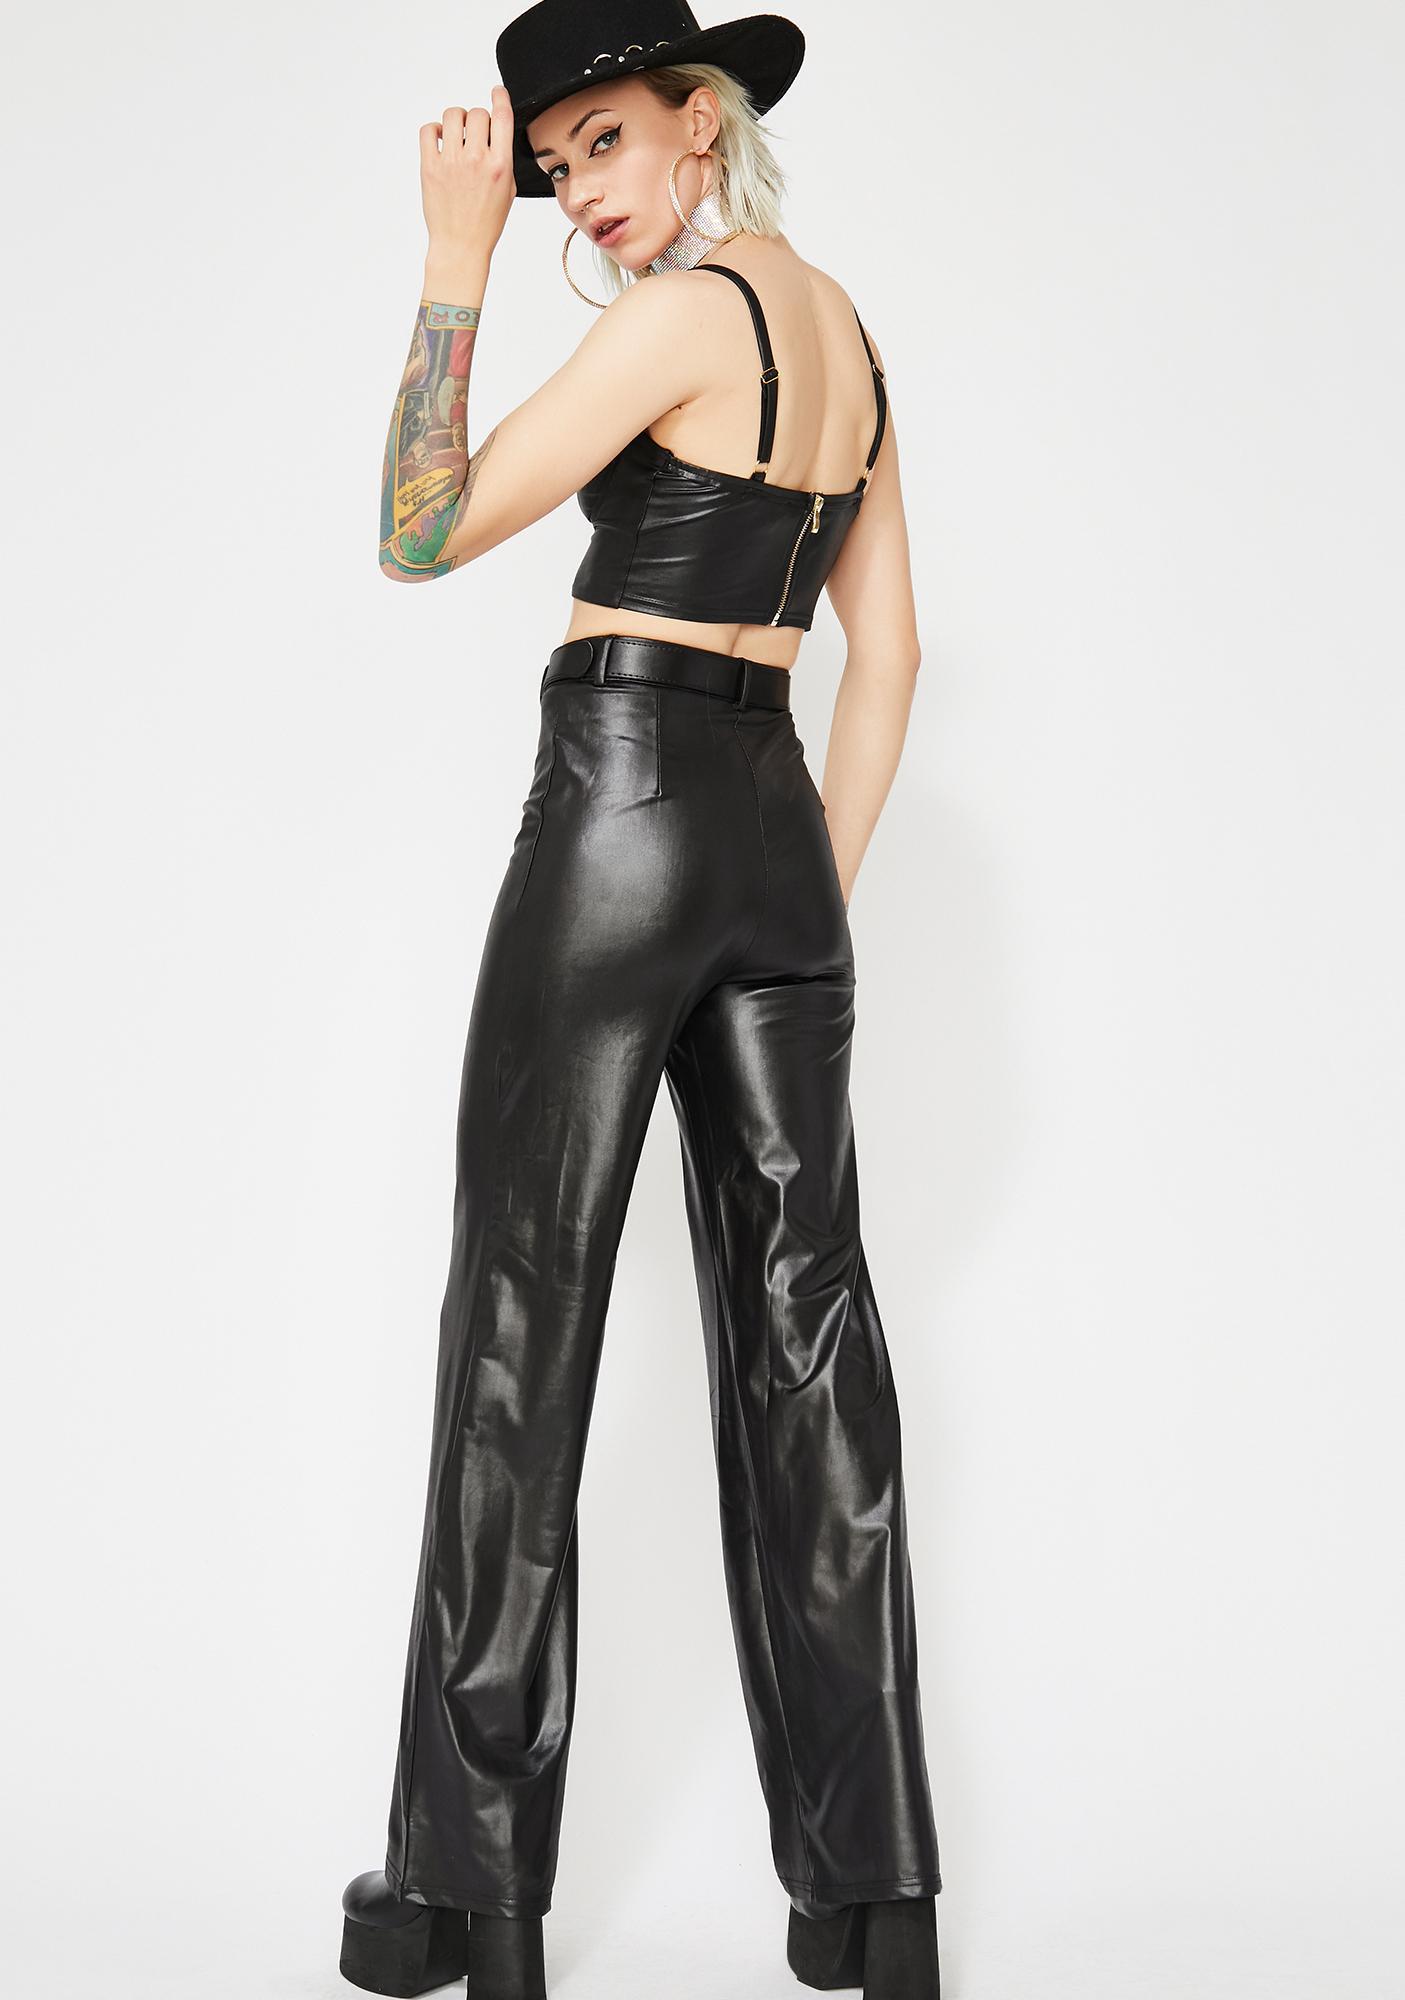 Onyx Ruff Rider Pant Set